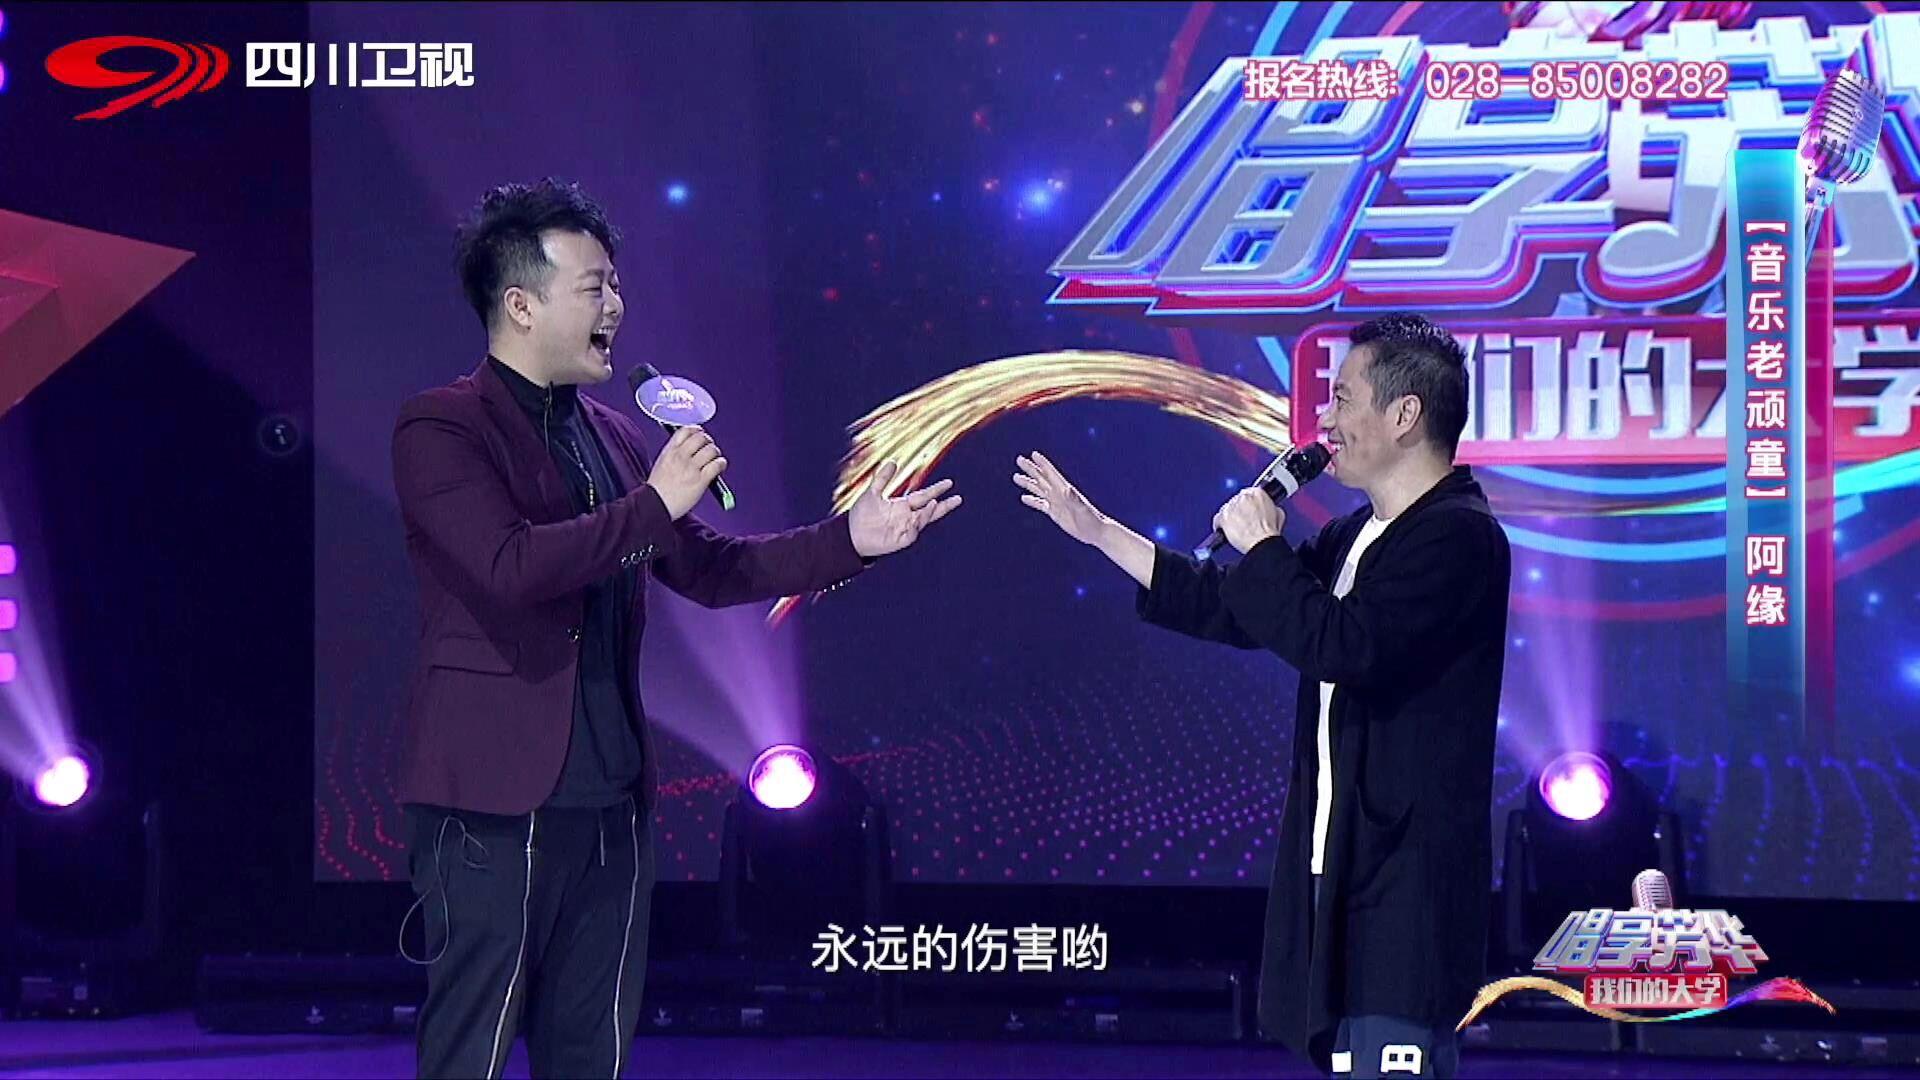 刘彪与阿缘合唱.jpg